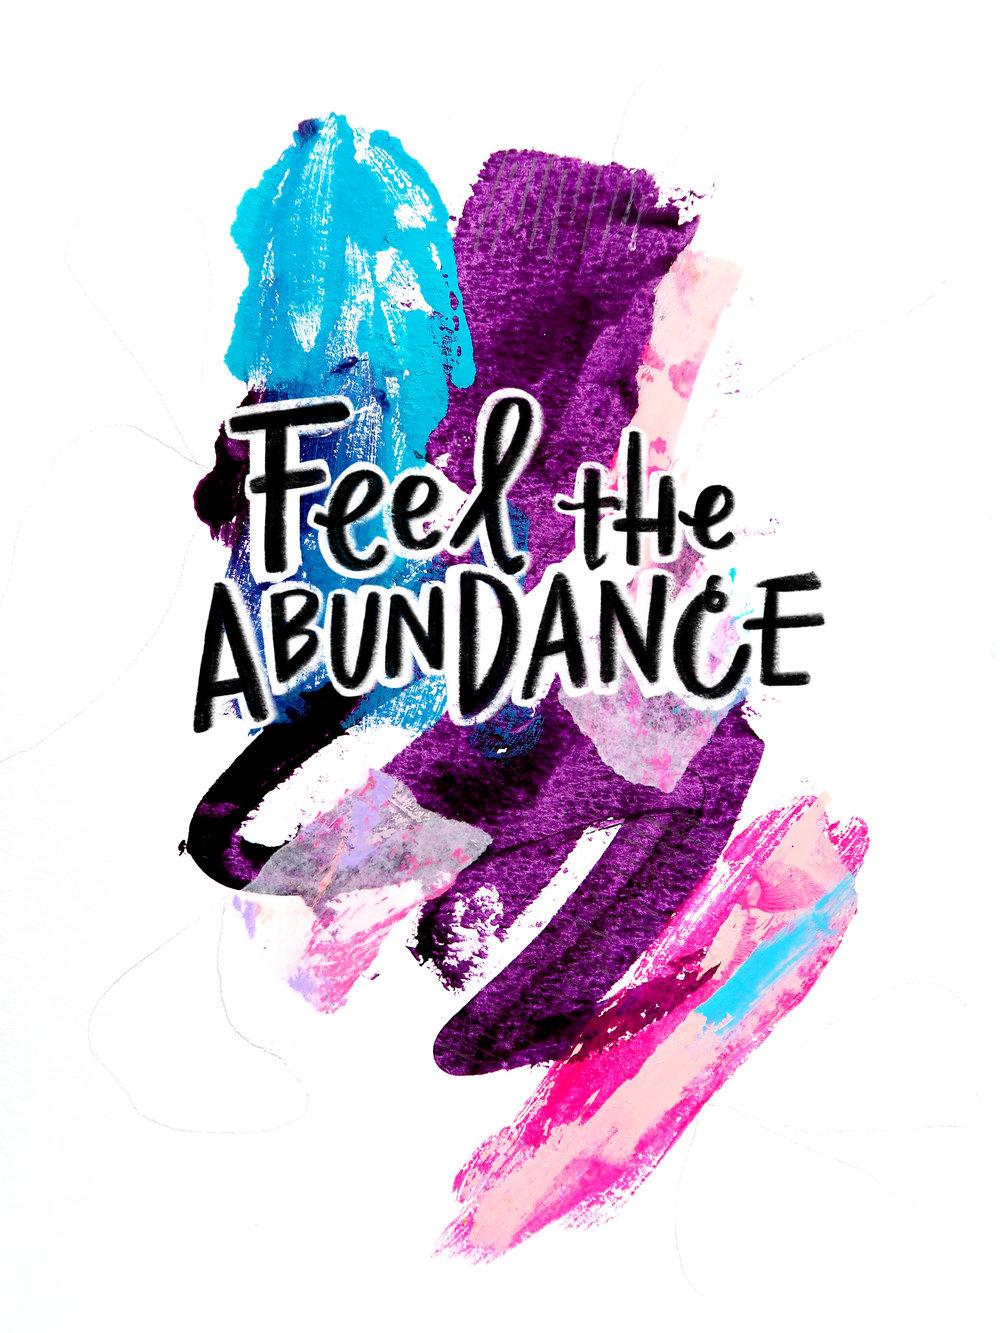 8/18/16: Abundance